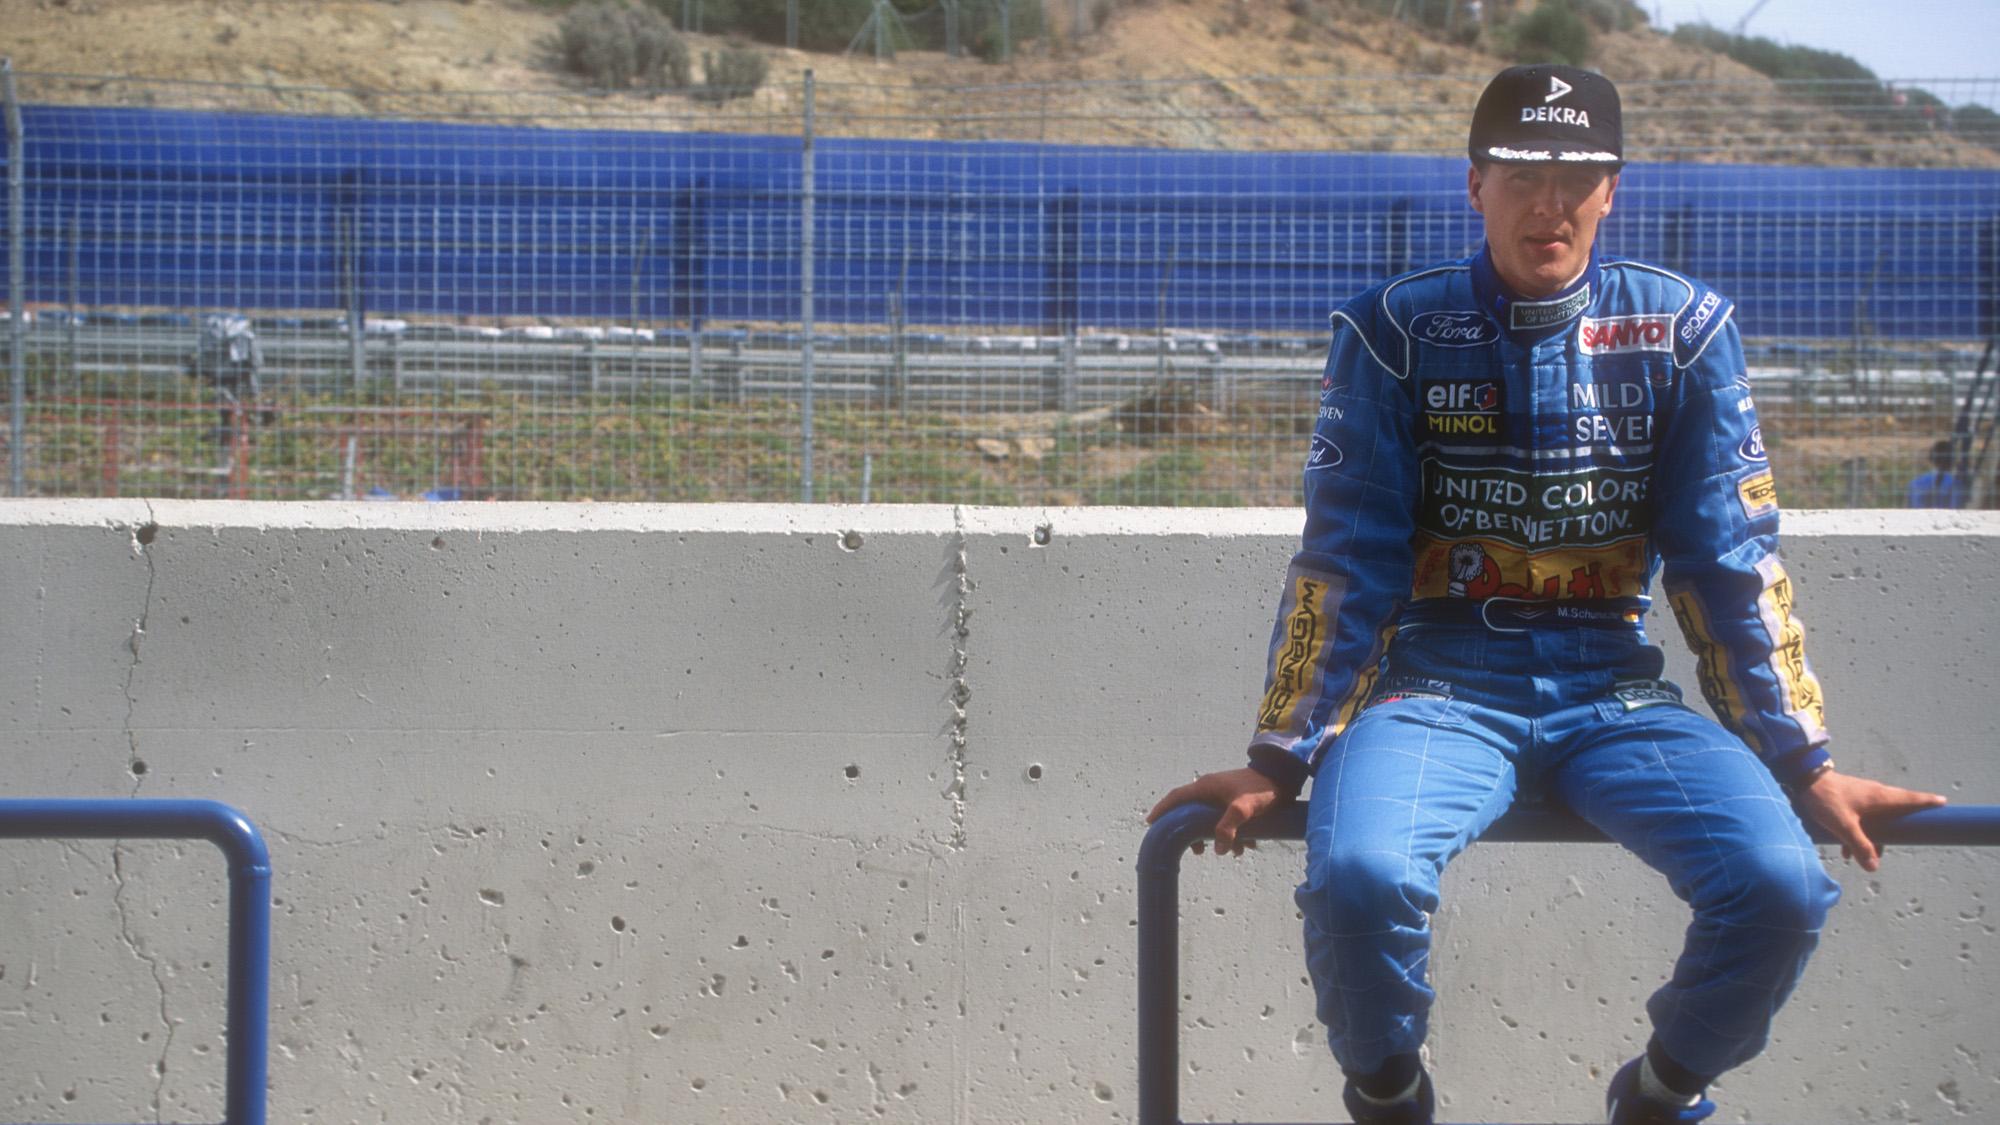 Michael Schumacher sits on a barrier